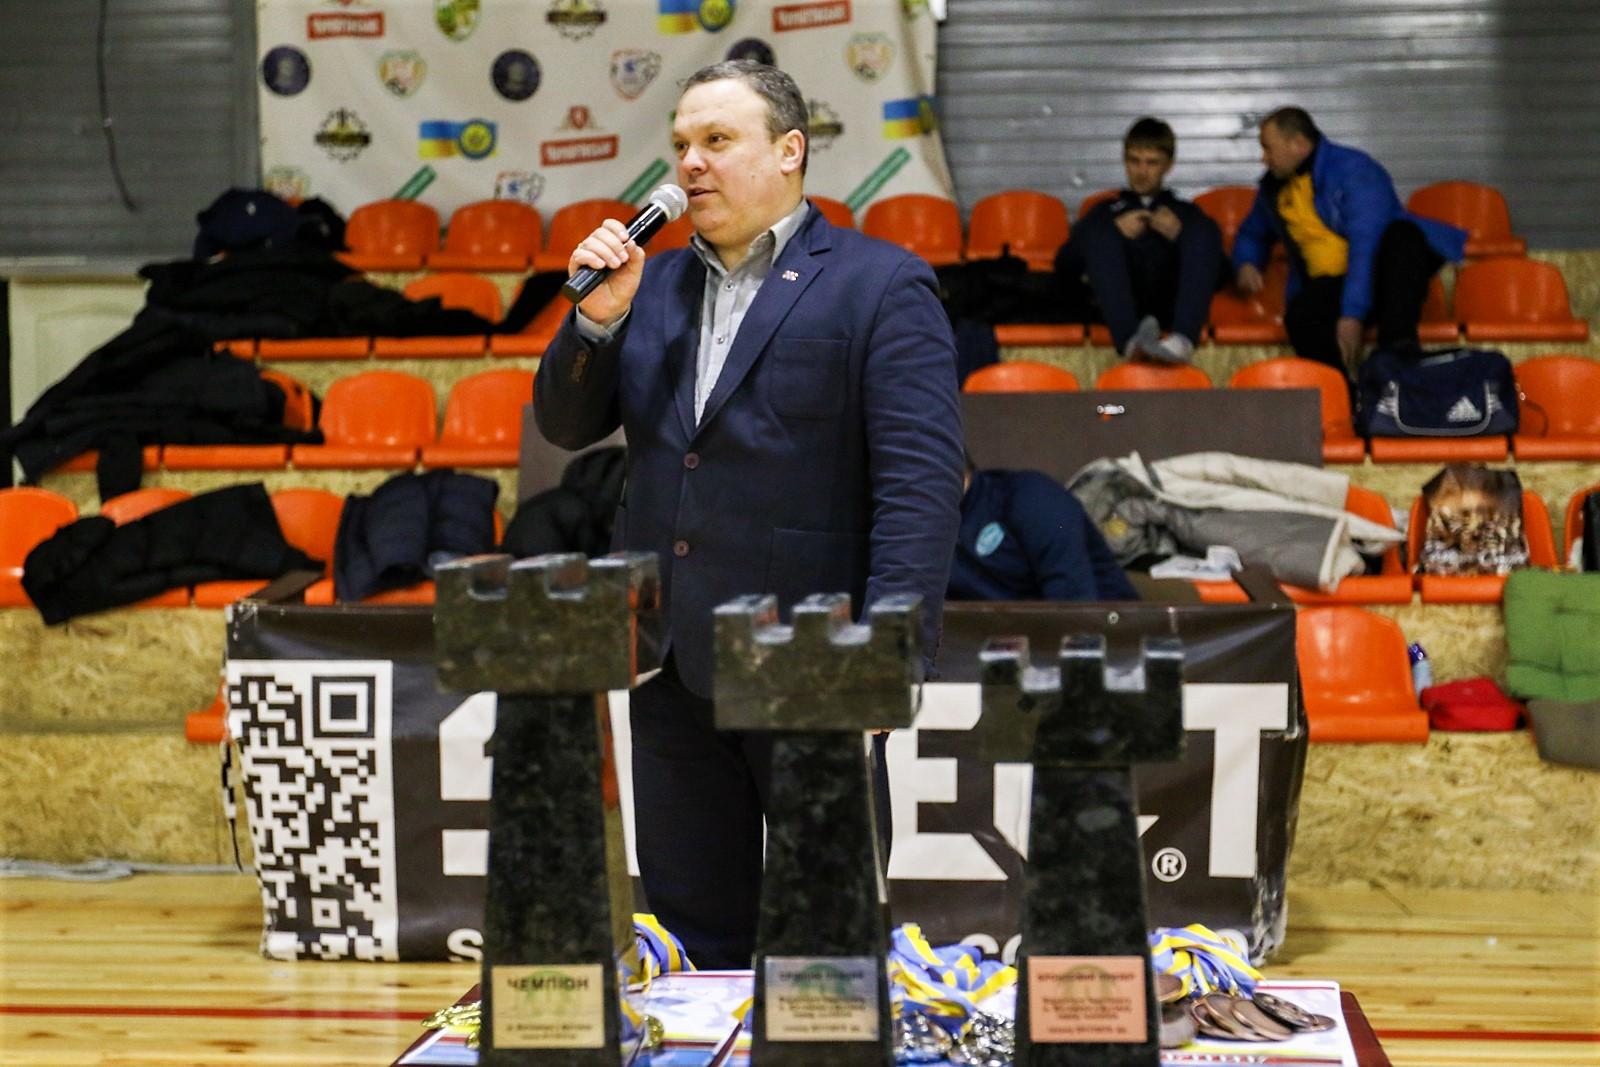 ФК «Атлет – Житомир» чемпіон Відкритого Чемпіонат Житомира з футзалу